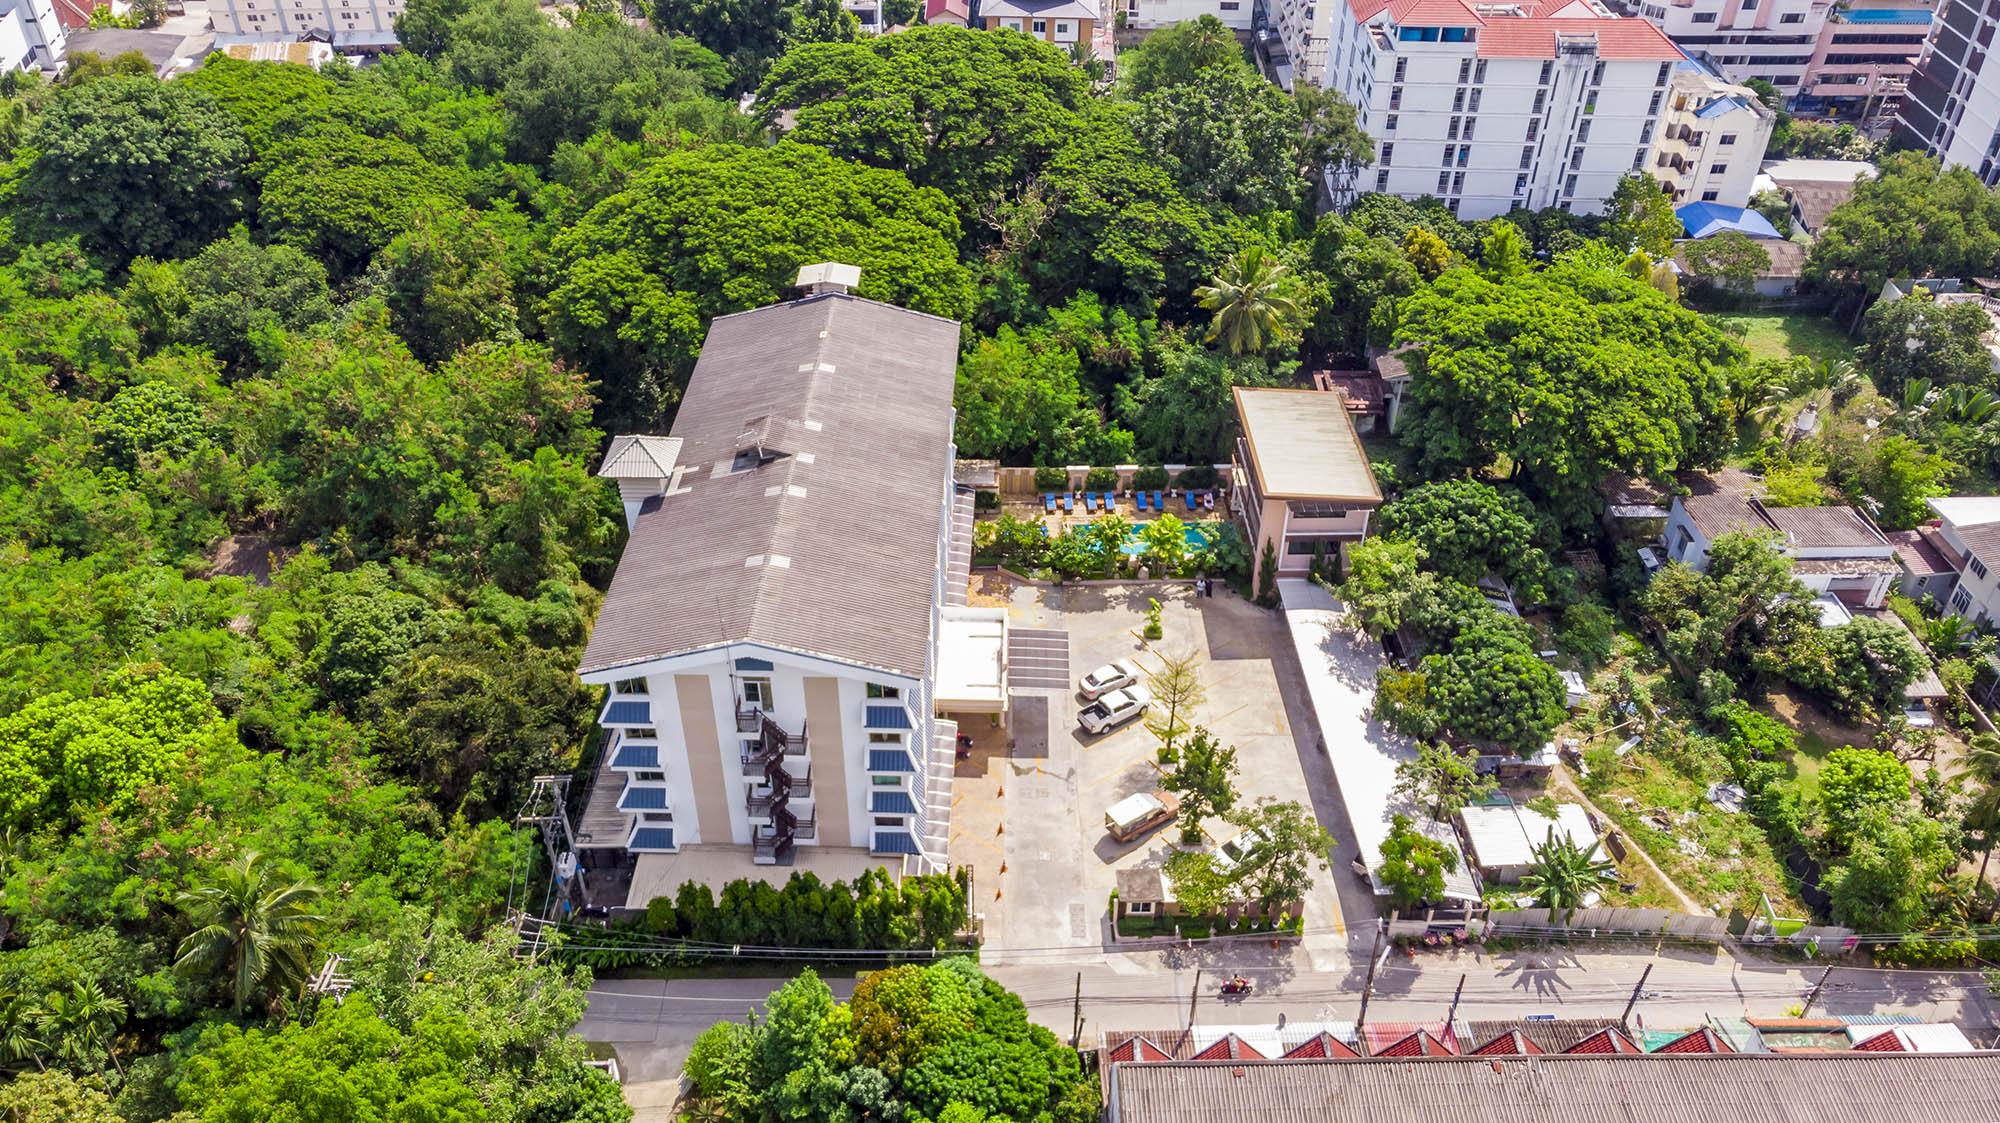 โรงแรมสกุลชัย เพลส โรงแรมฮาลาล เชียงใหม่  โรงแรมสกุลชัย เพลส เชียงใหม่ ห้องพักสะอาด ราคาหลักร้อย DJI 0523